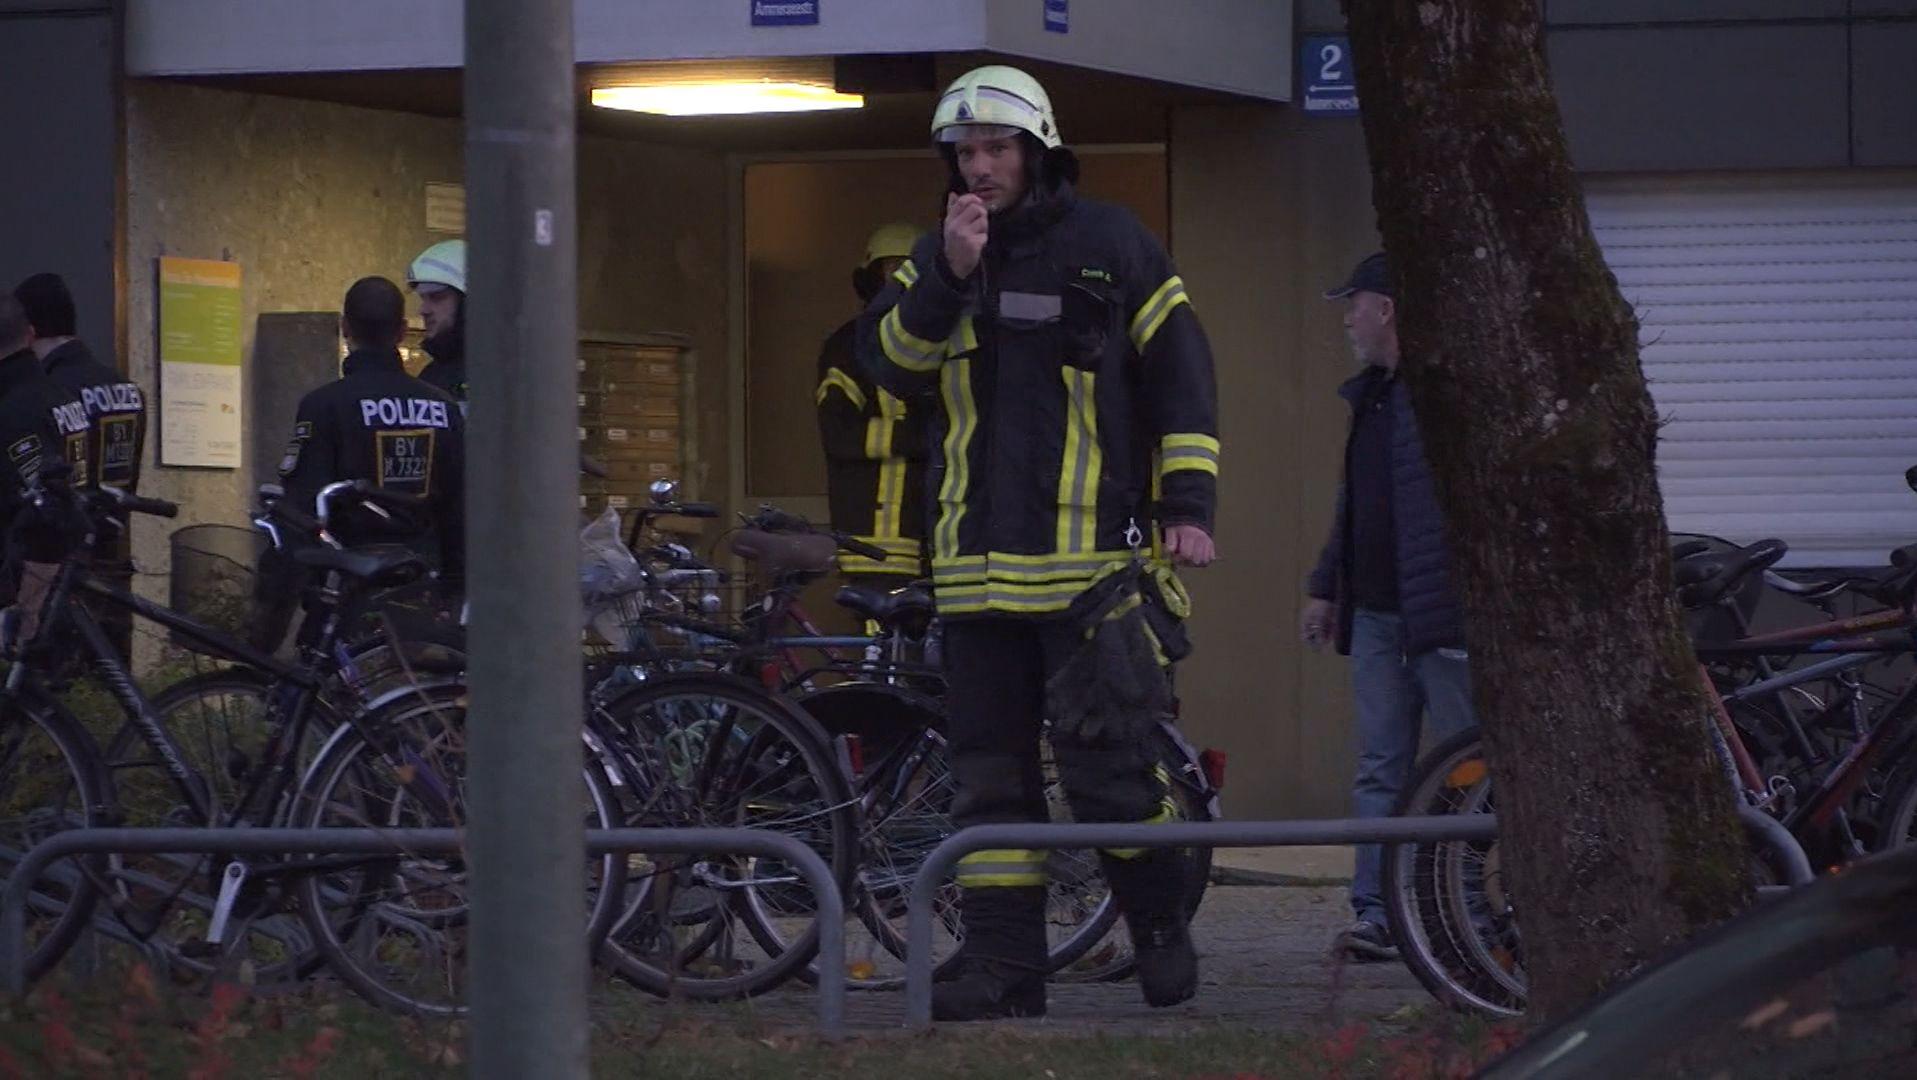 Feuerwehrmann im Einsatz am Ort des Bombenfunds.